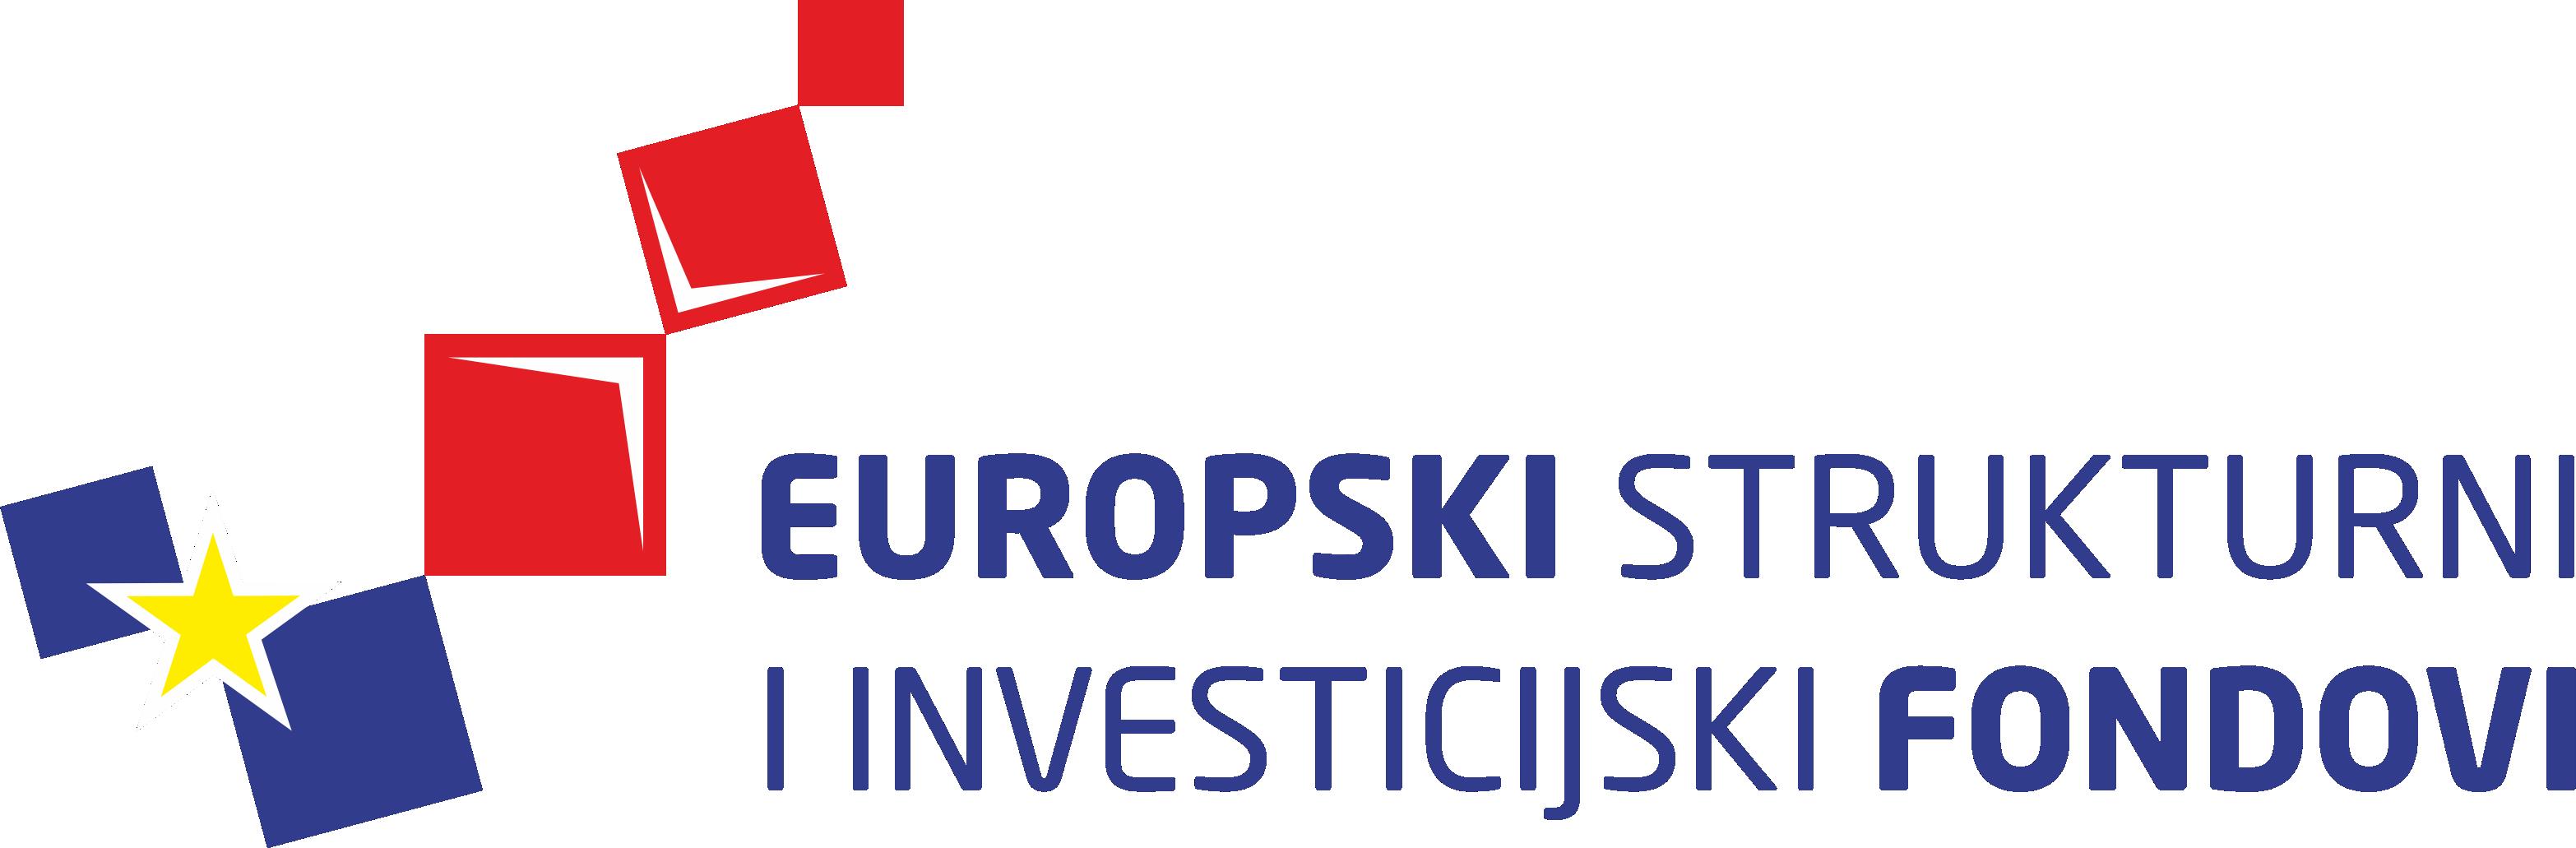 ESI logotip_boja_veci